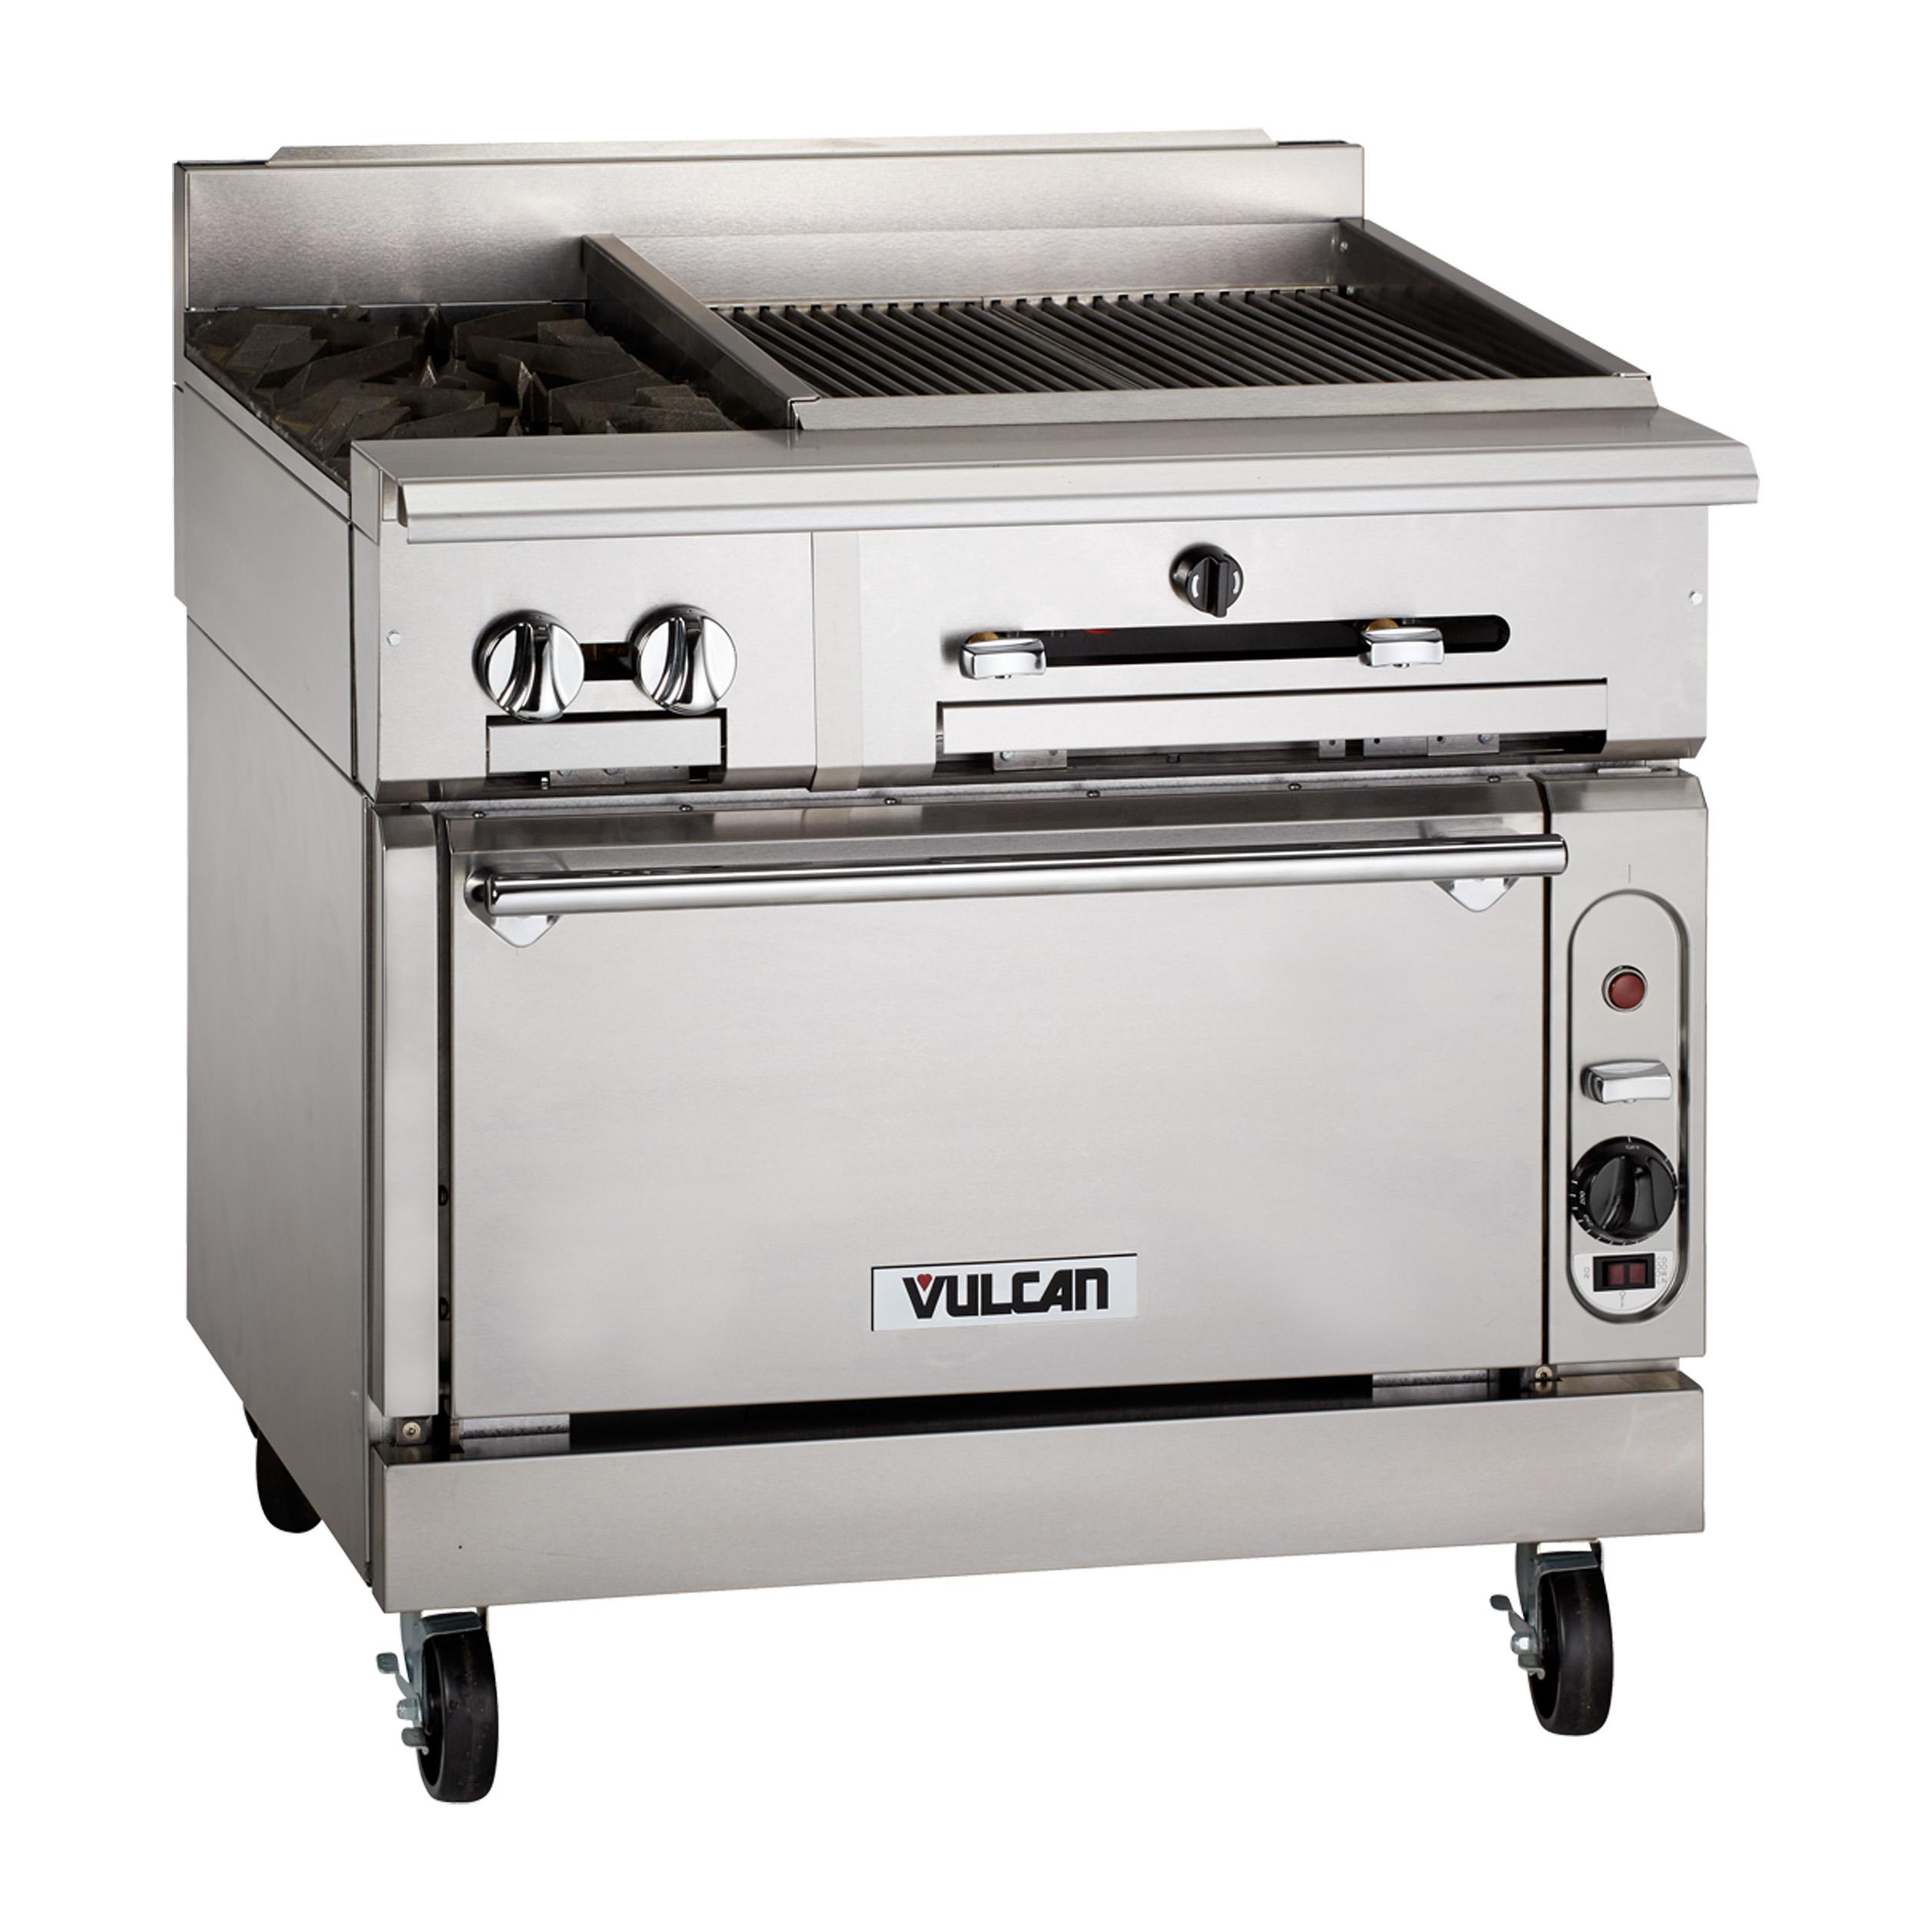 Vulcan VTC24B range, 24